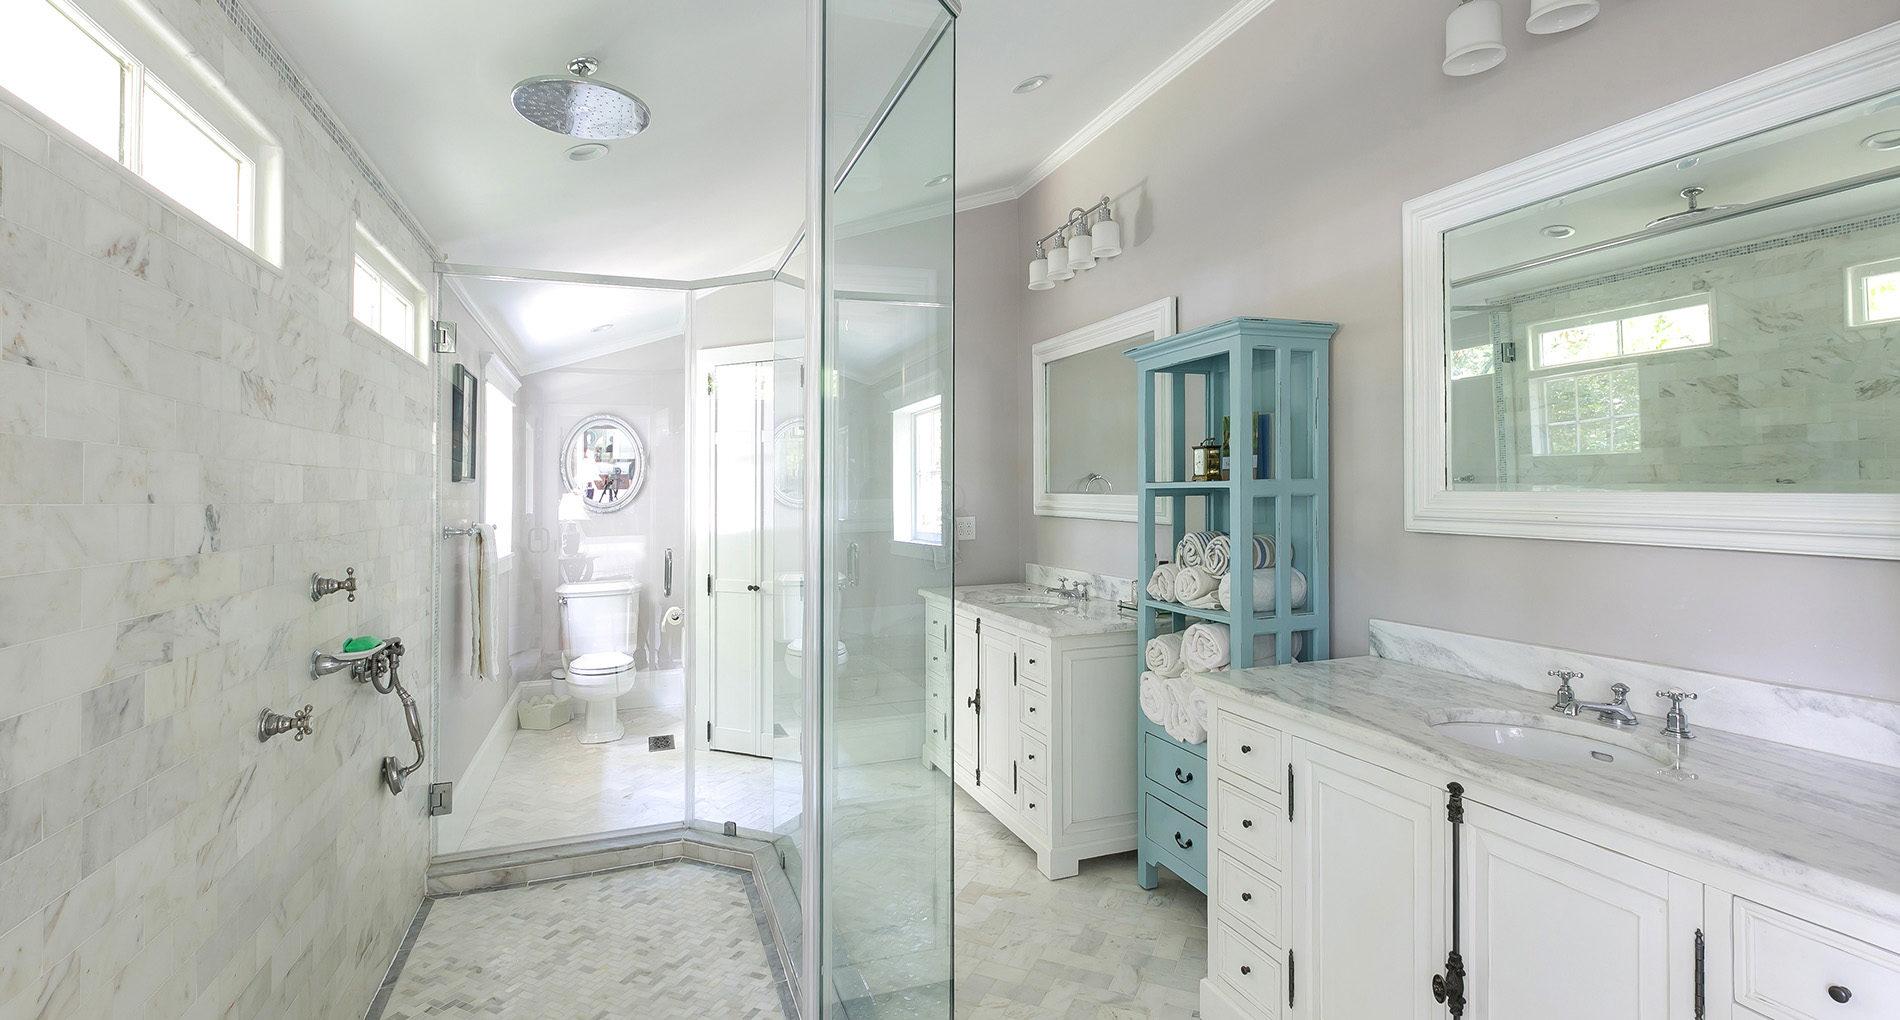 Bathroom Remodeling Gallery Alair Homes Greenville - Greenville bathroom remodeling